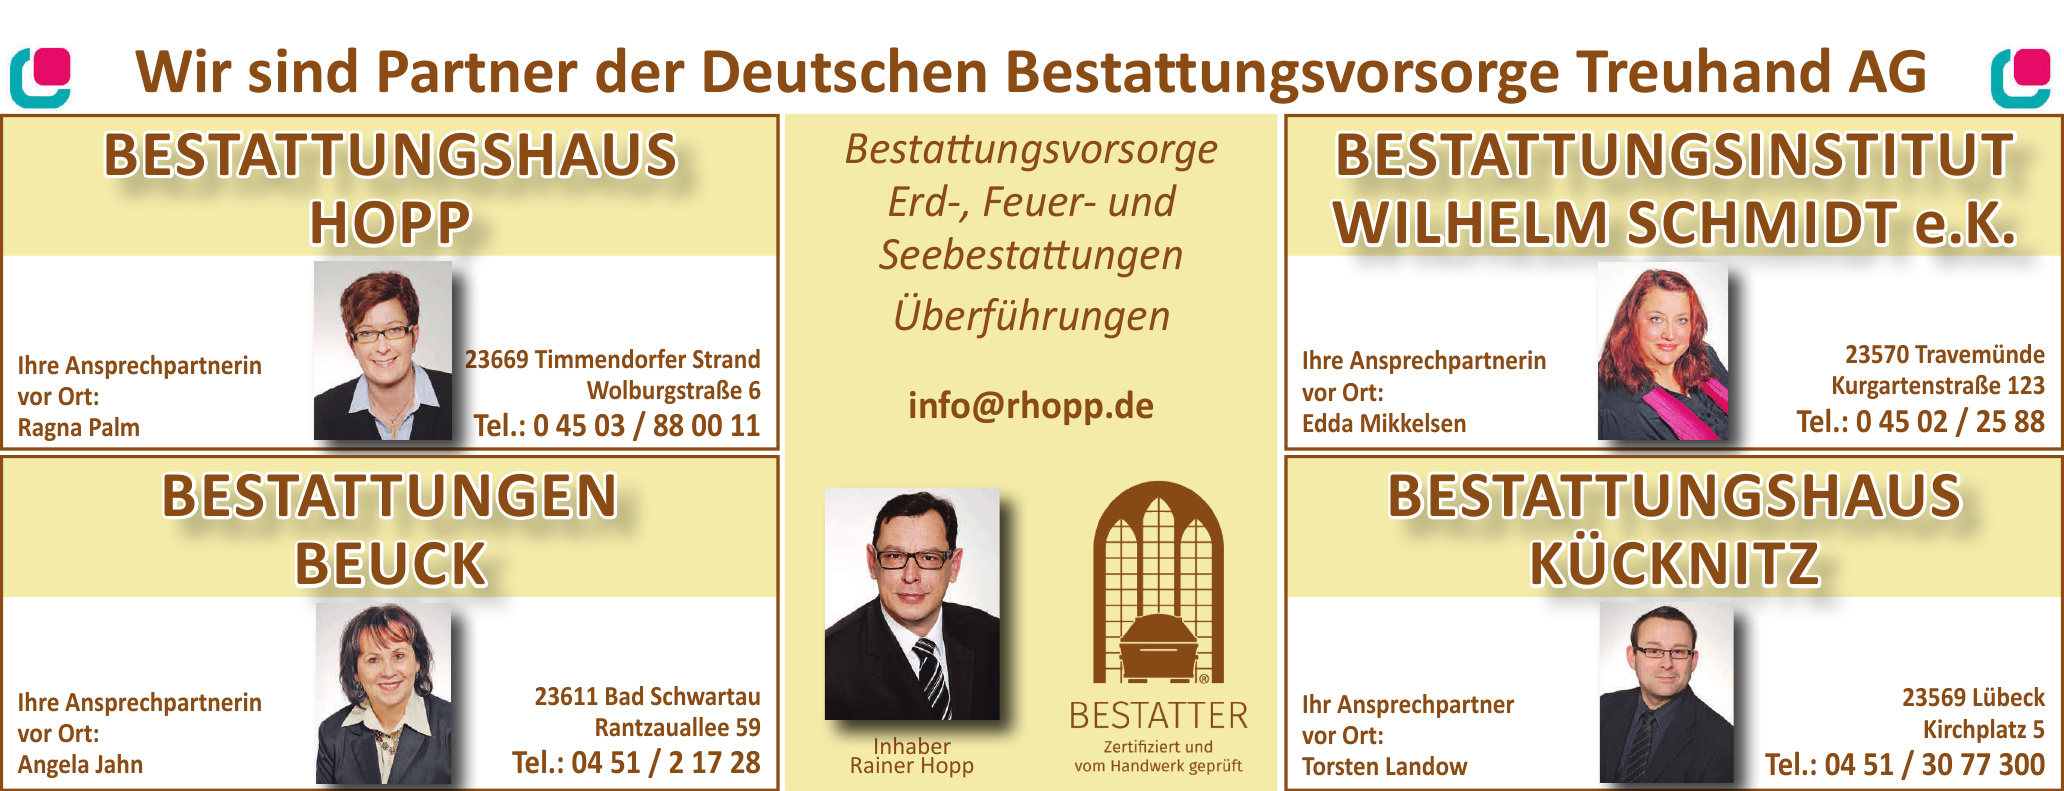 Partner der Deutschen Bestattungsvorsorge Treuhand AG